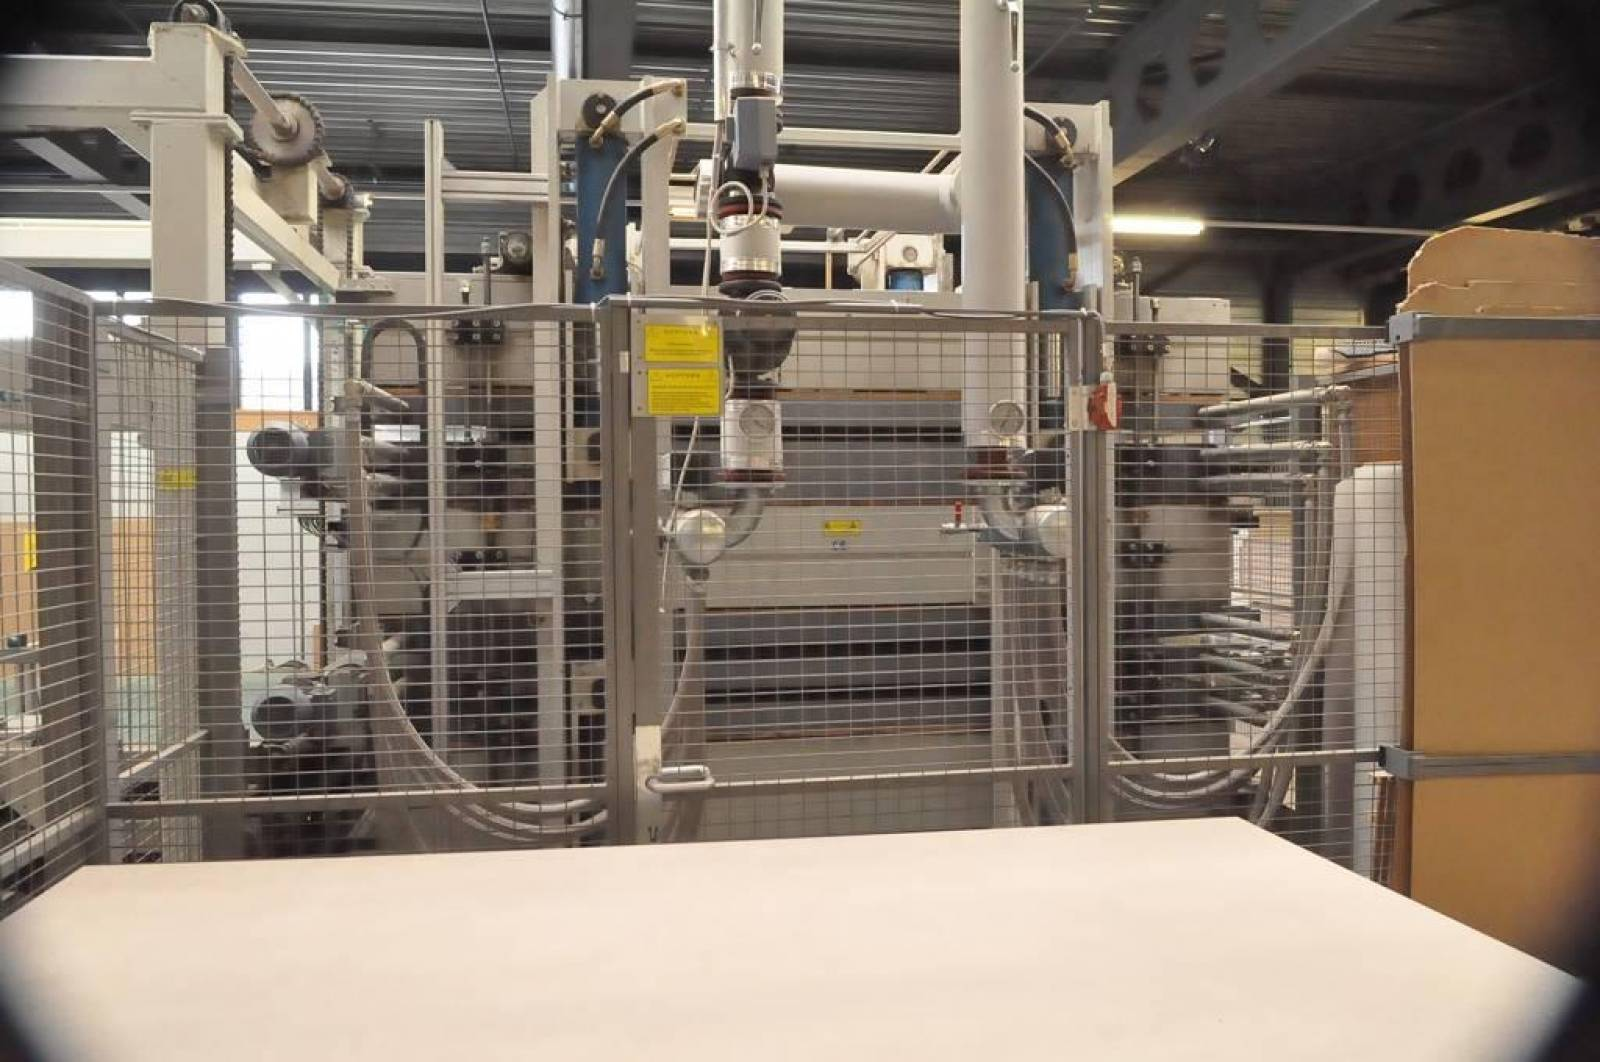 Durchlauf-Furnierpresse BÜRKLE OPTIMA 2x2 gebraucht kaufen